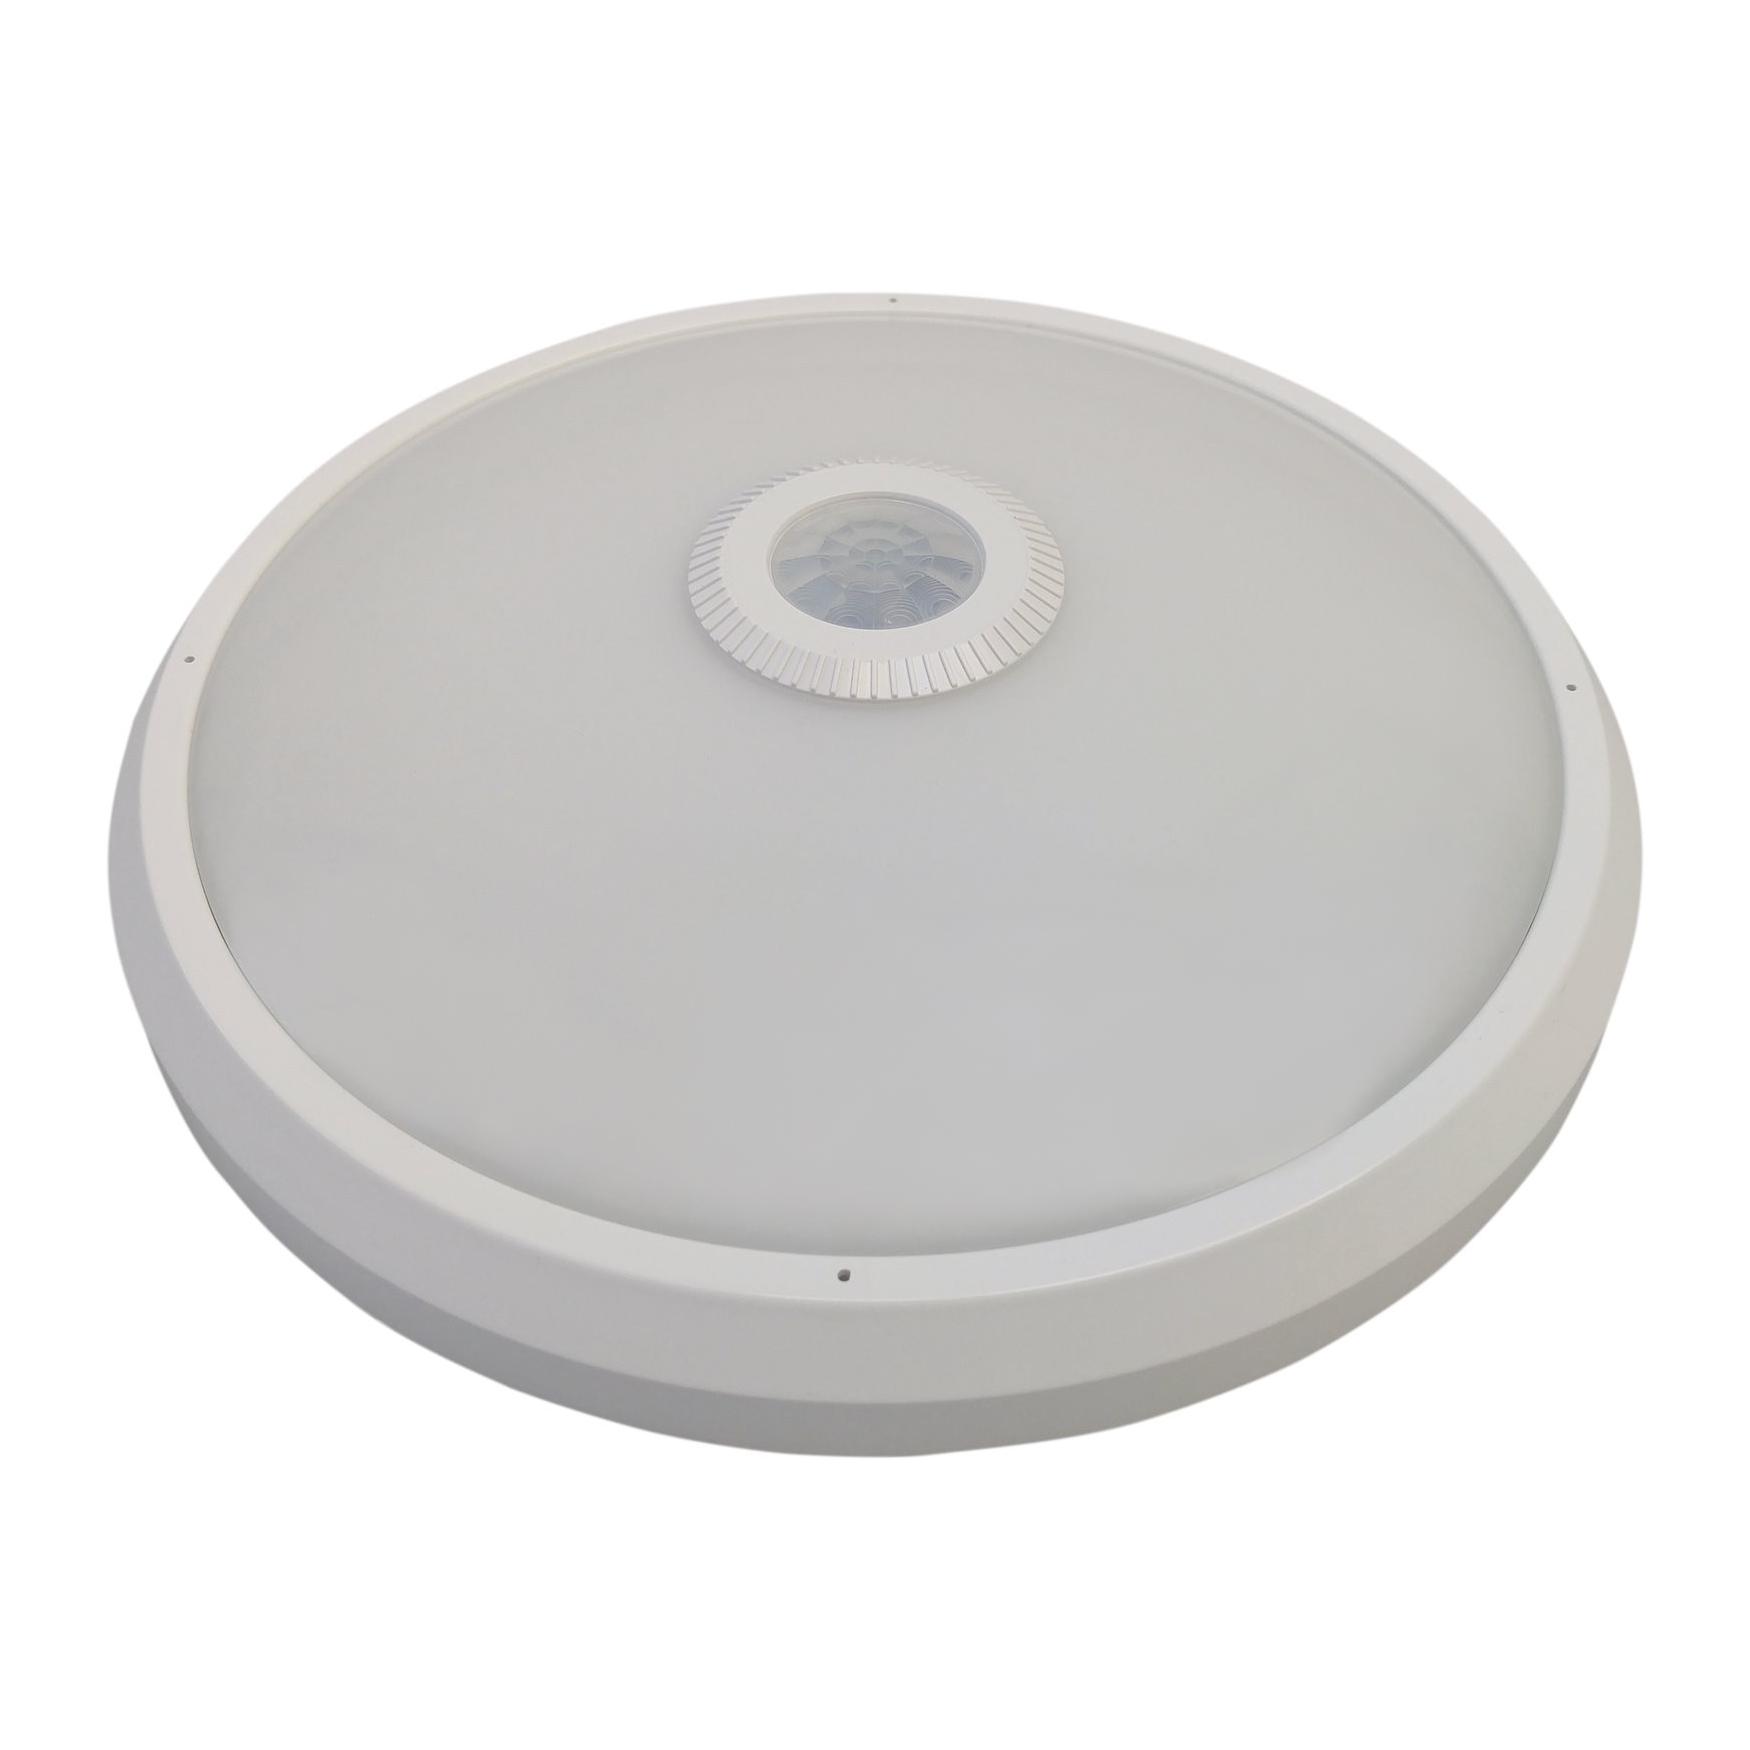 LED přisazené senzorové svítidlo MANA IP54 20W NW - Greenlux (GXPS013)